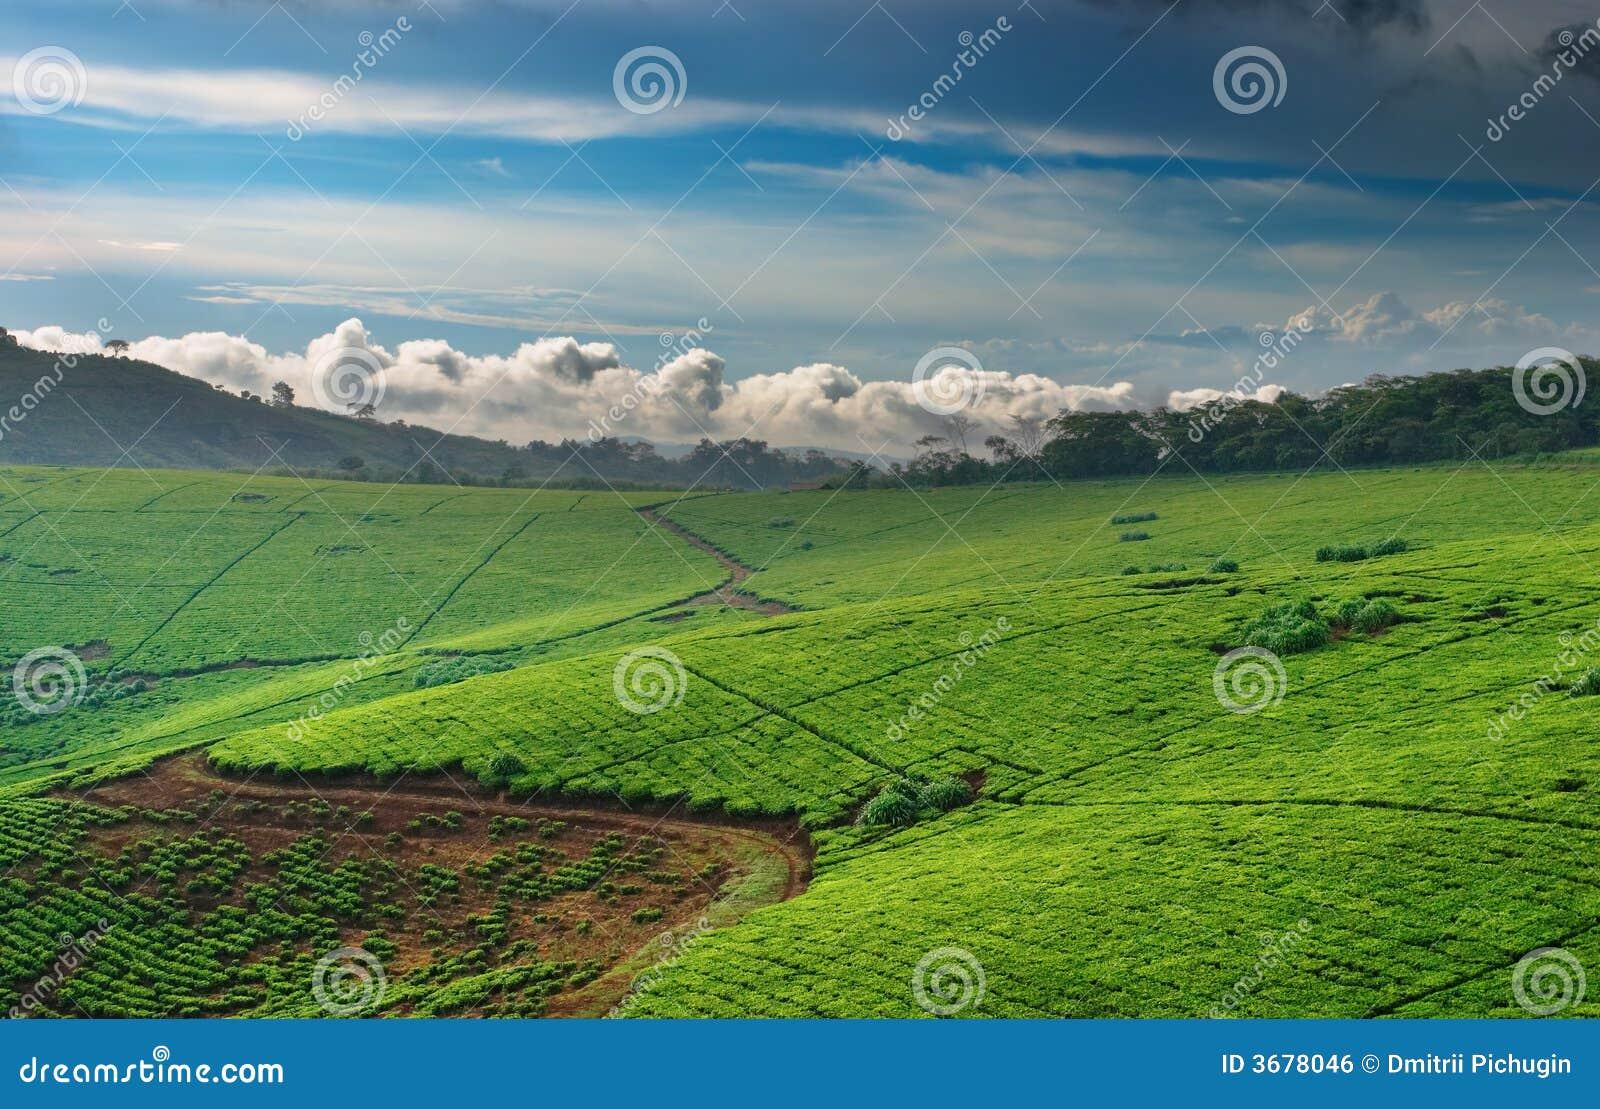 Plantation de thé en Ouganda